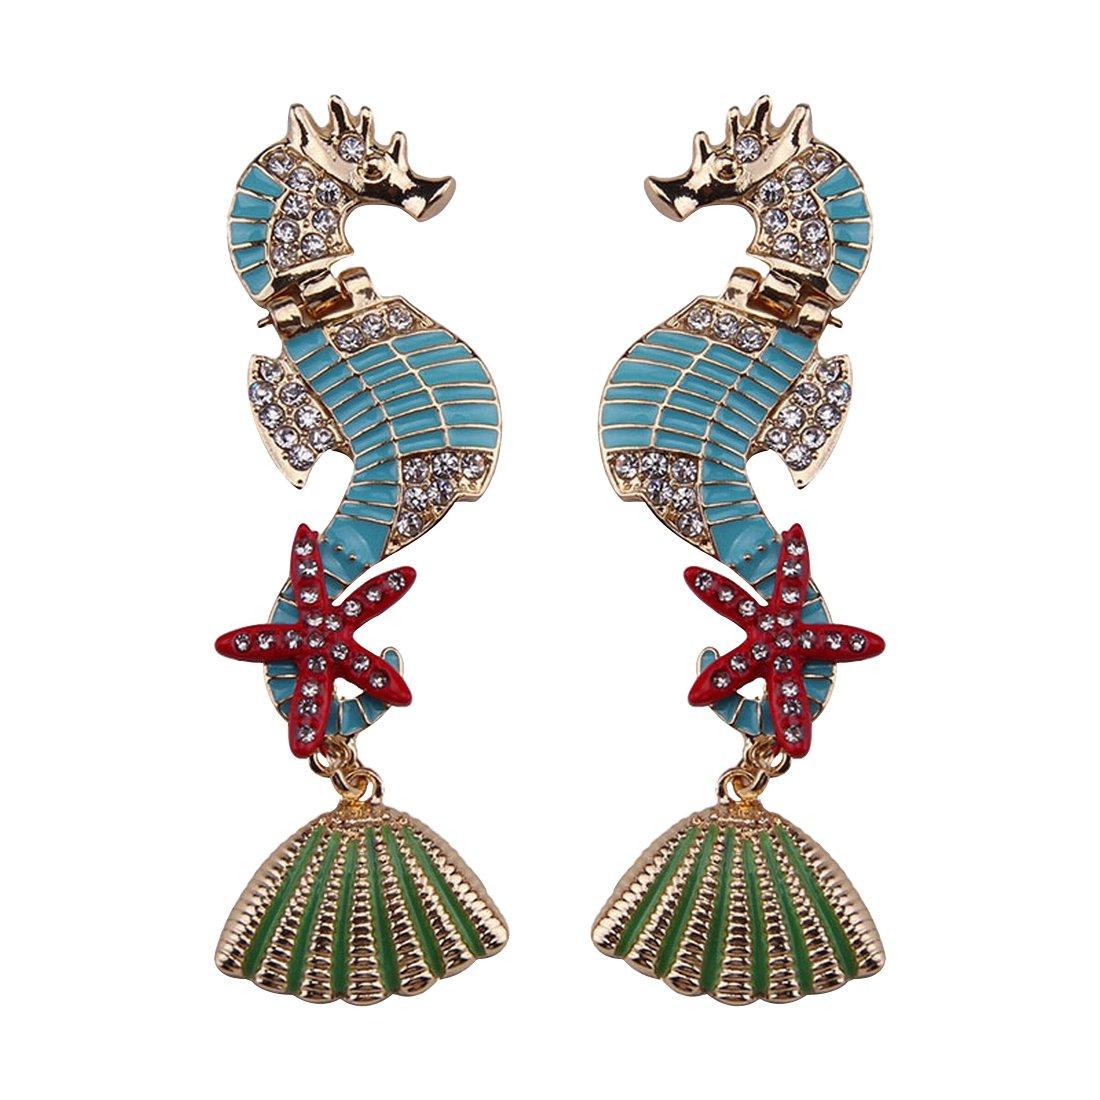 Olsen Twins Ocean Beach Shell Starfish Sea Horse Earrings, Rhinestone Enamel Long Stud Earrings (Light Blue)